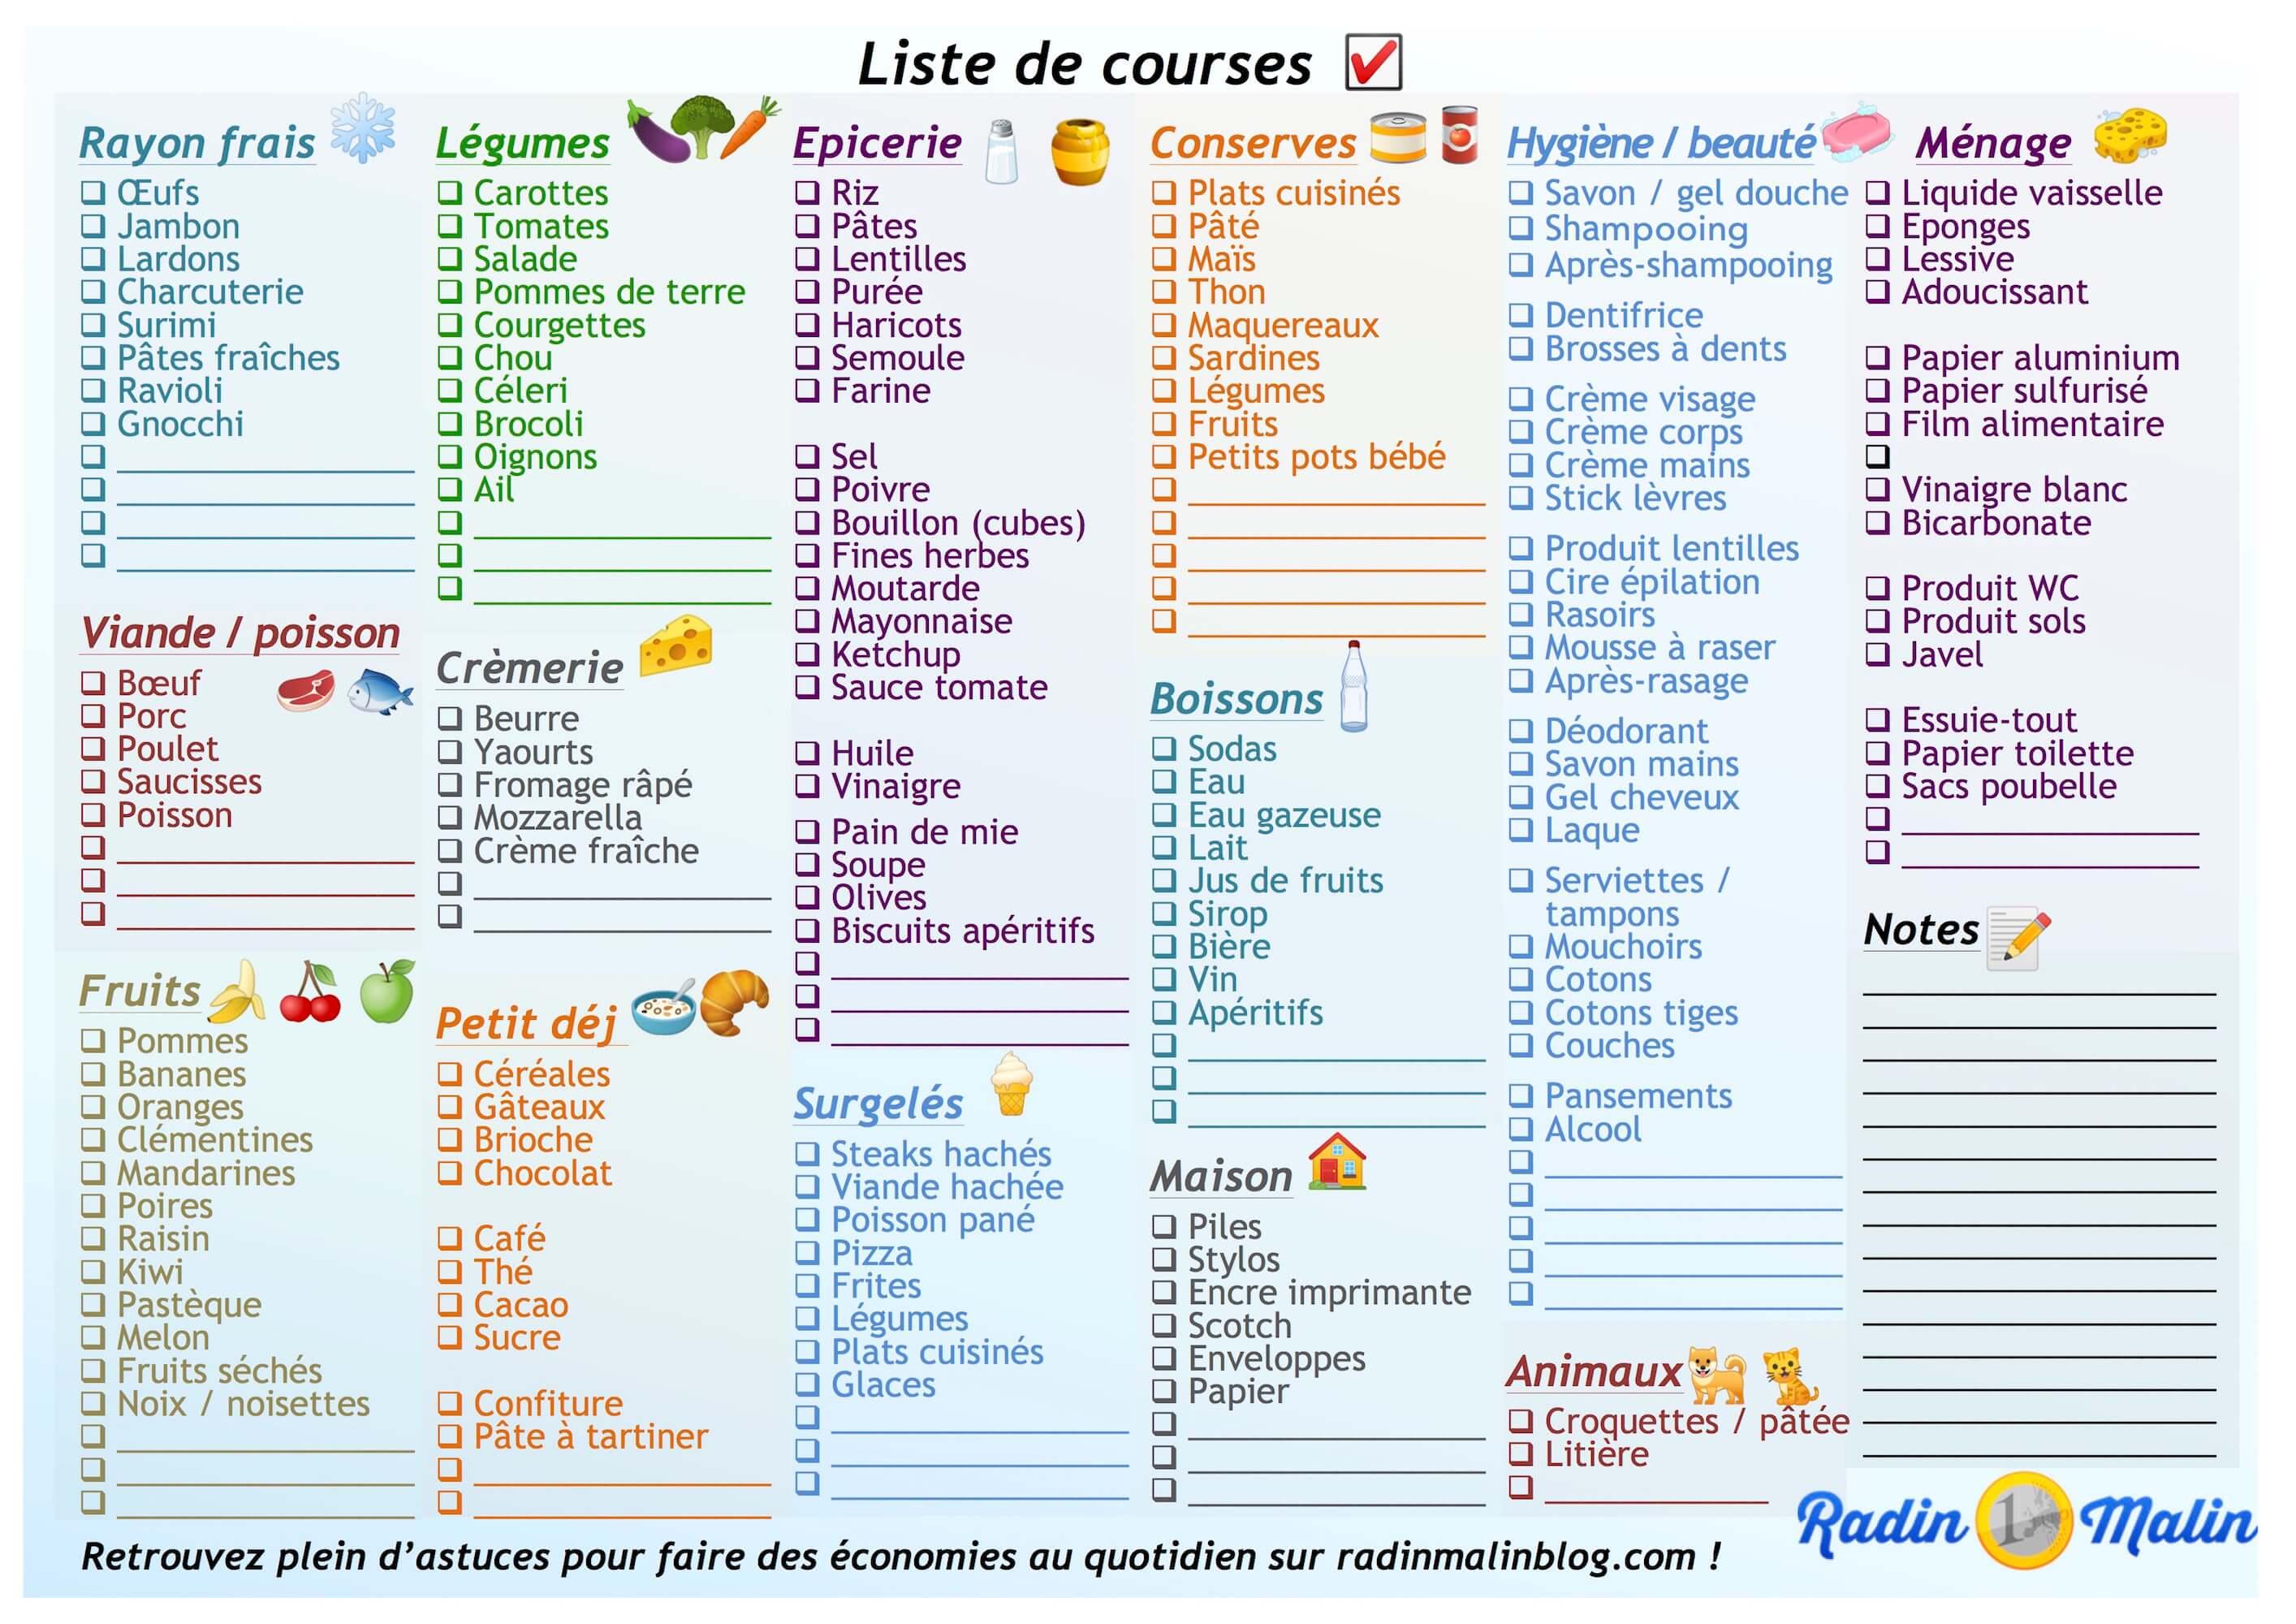 Liste De Courses Gratuite à Imprimer En 2 Secondes Chrono